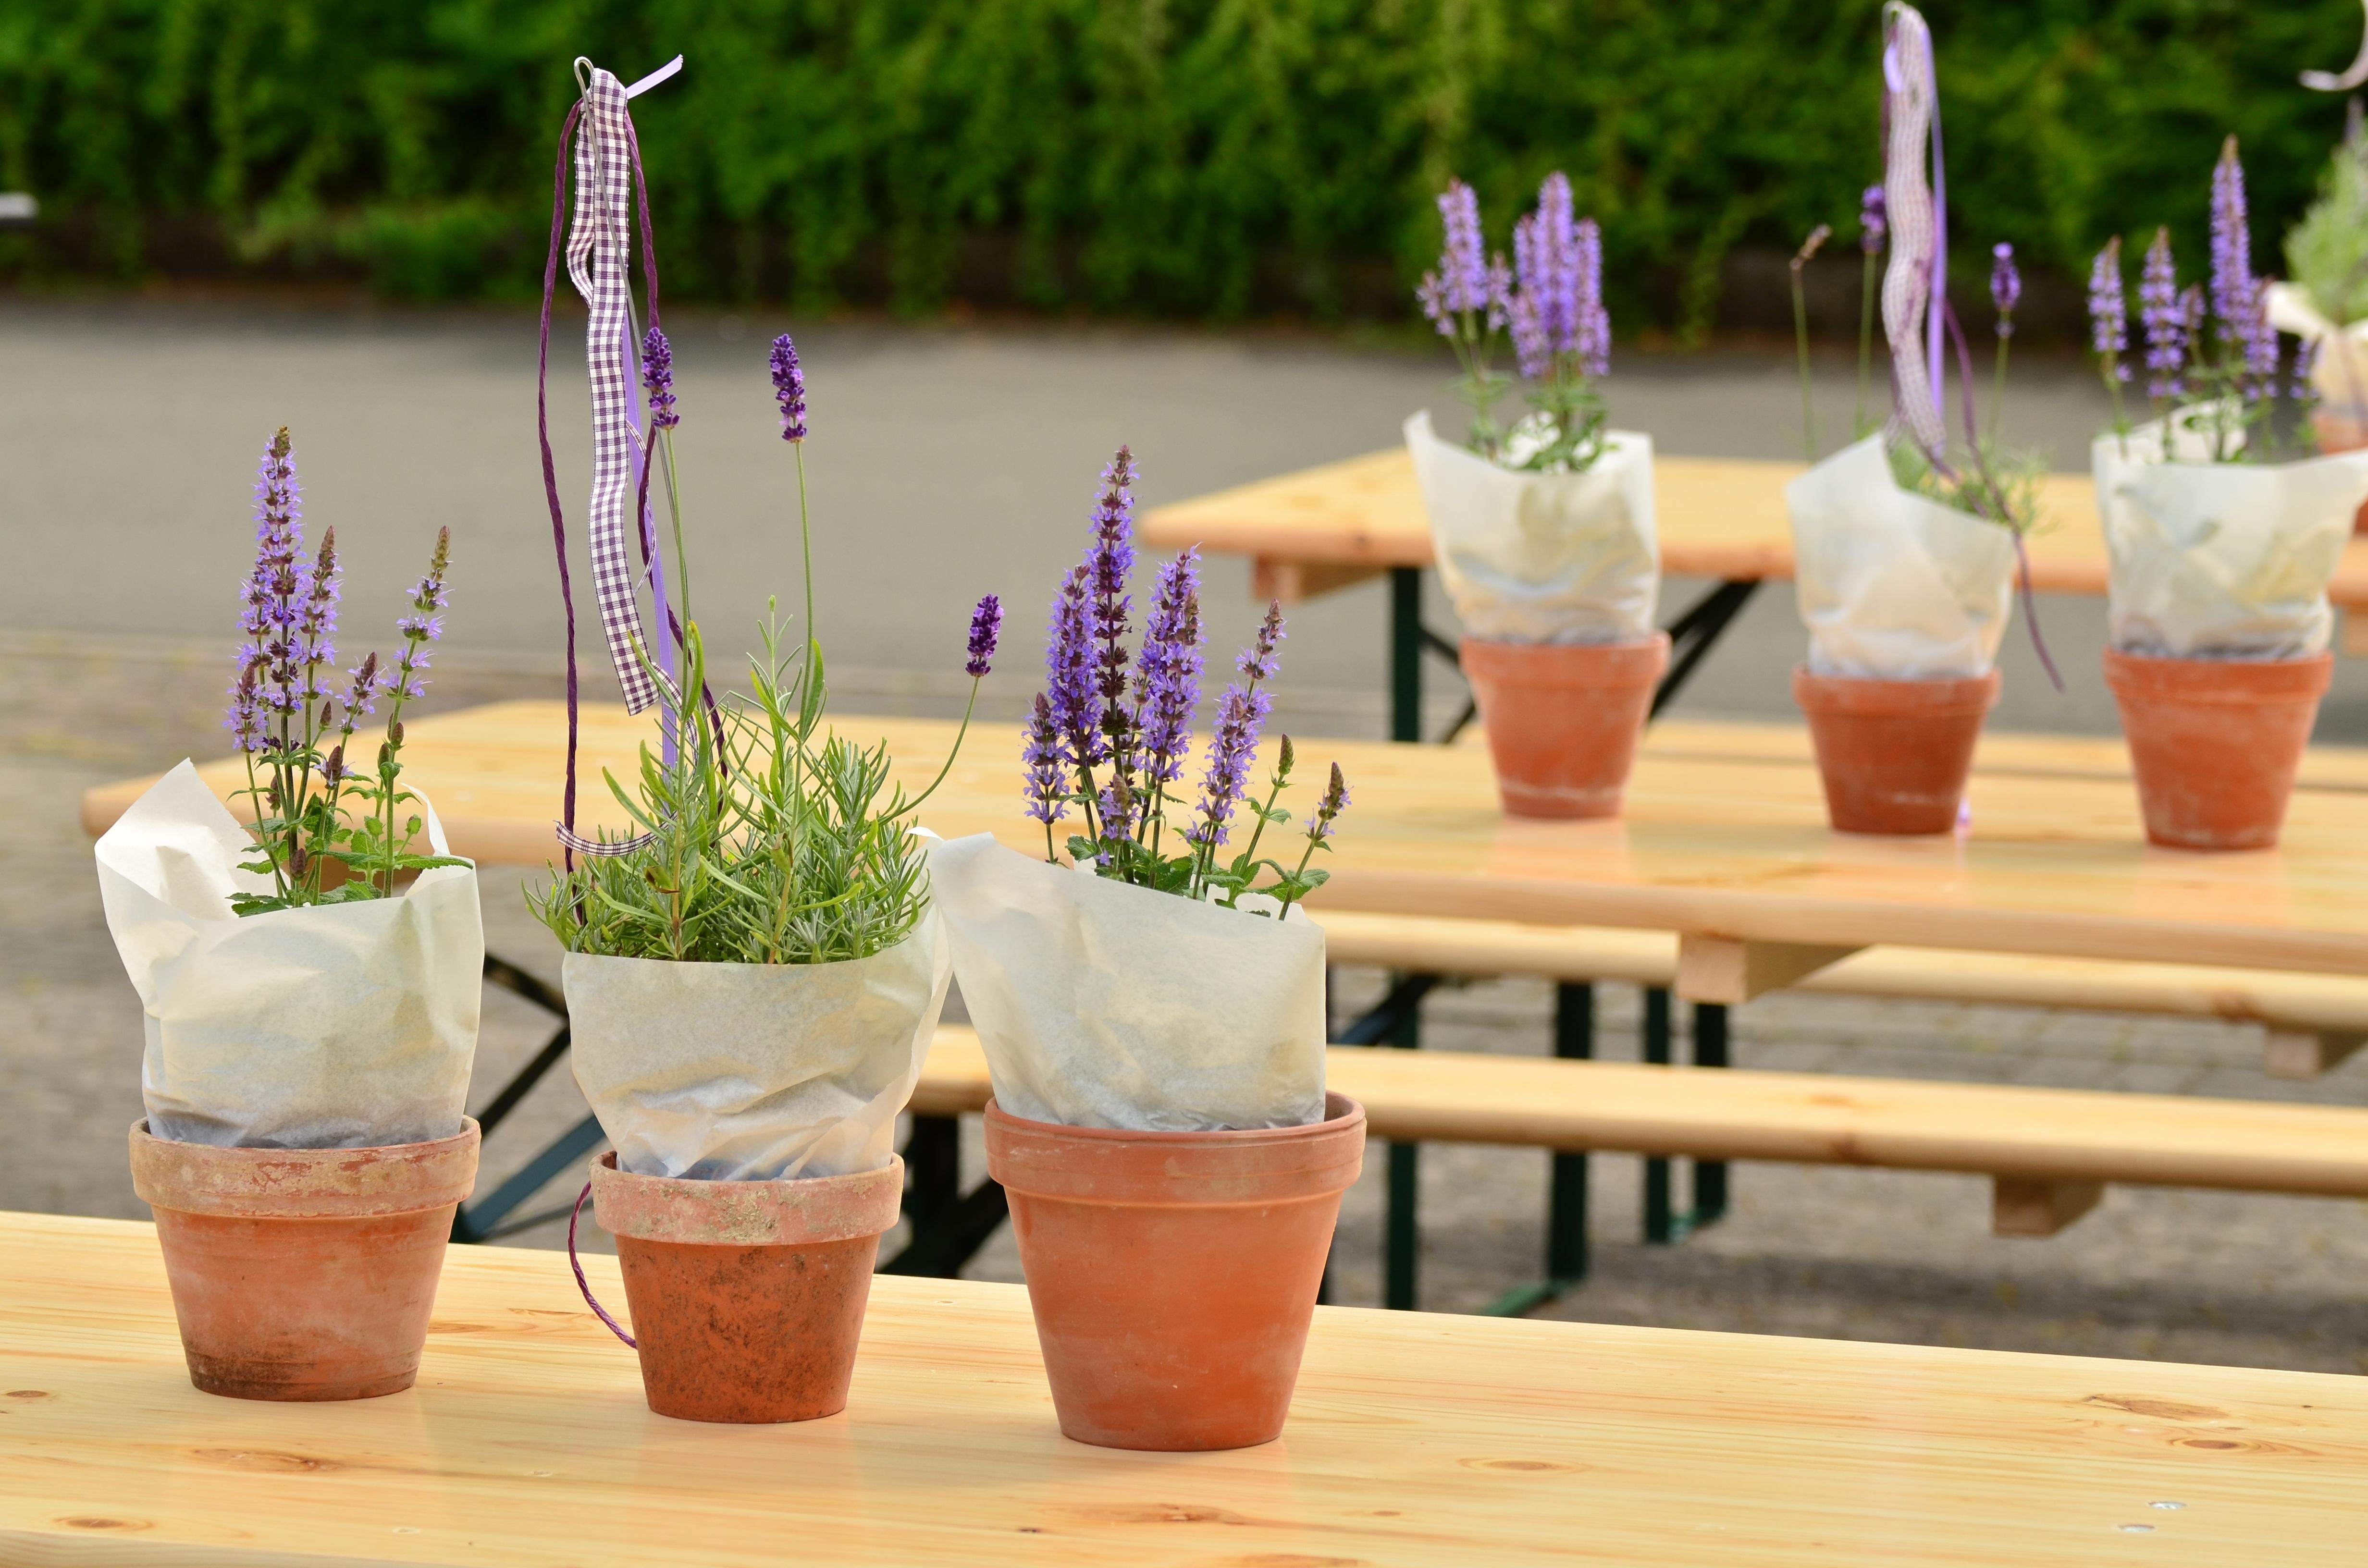 Blume Dekoration Mahlzeit Getränk Garten Lavendel Feiern Festival Aus  Blumentöpfe Holztische Kernstück Bierzelt Set Gäste Einladen